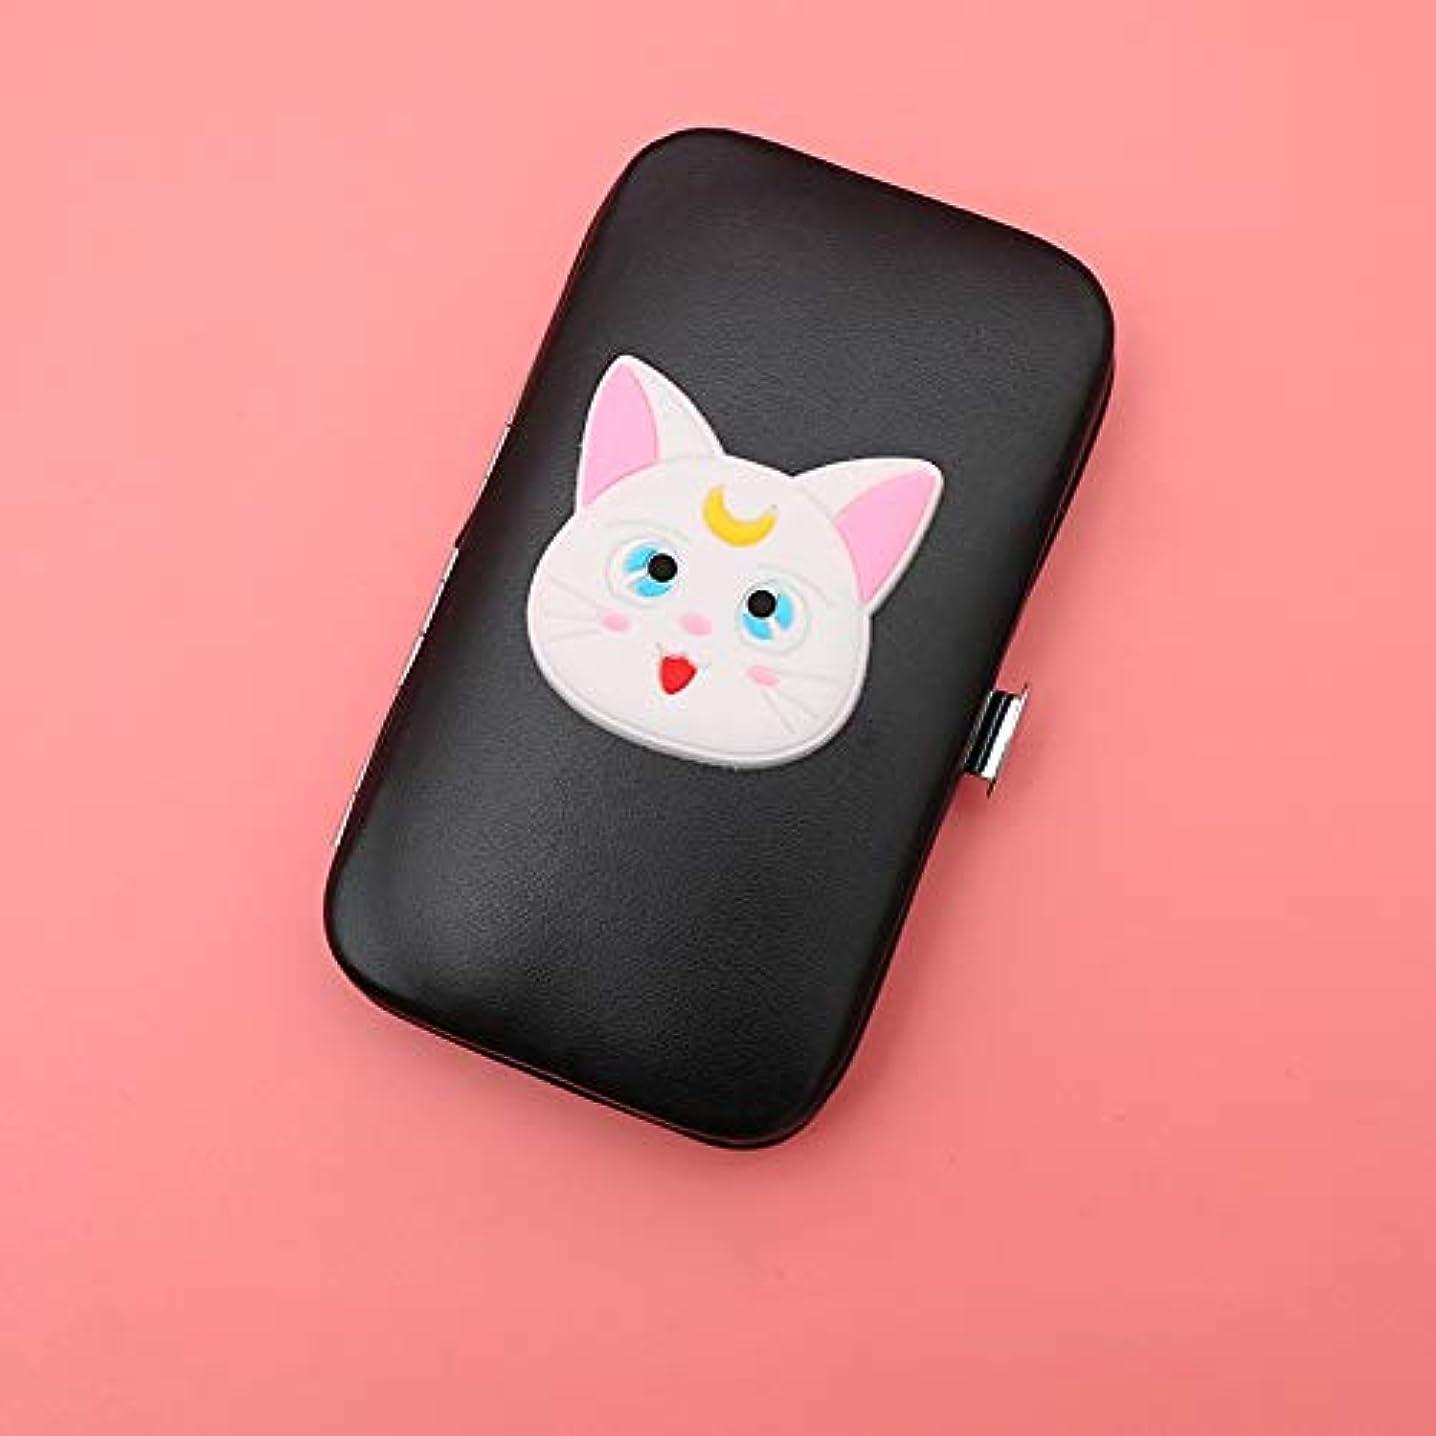 遮る貧しい家畜ネイルクリッパー7点セット、ネイルビューティーツールセット、女の子漫画ブラック箱入り(ホワイトムーン猫)用マニキュアキット